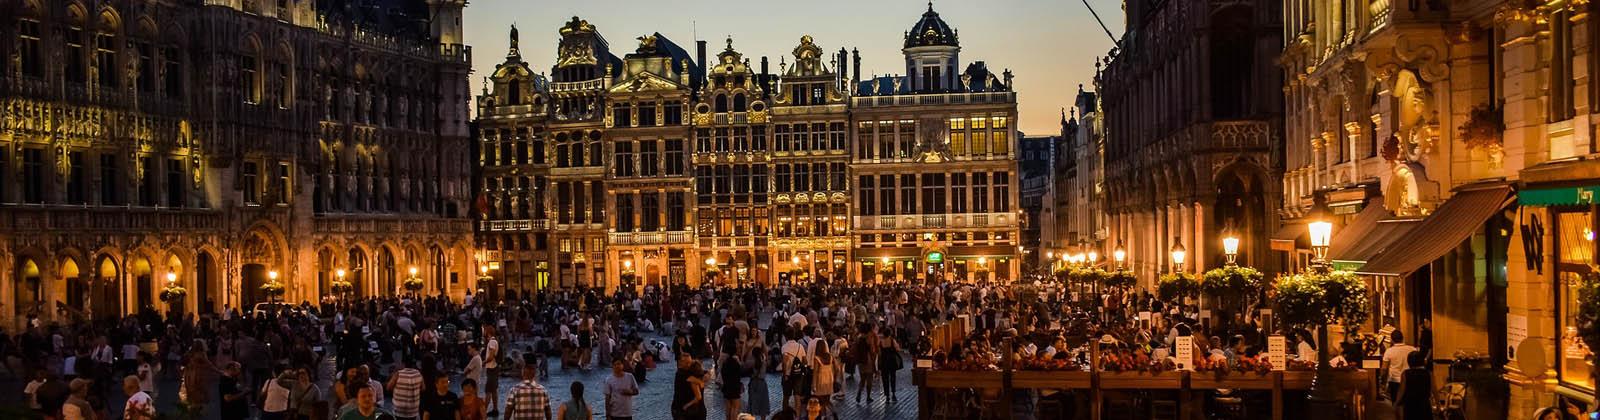 DMC-Belgium-travel-agency